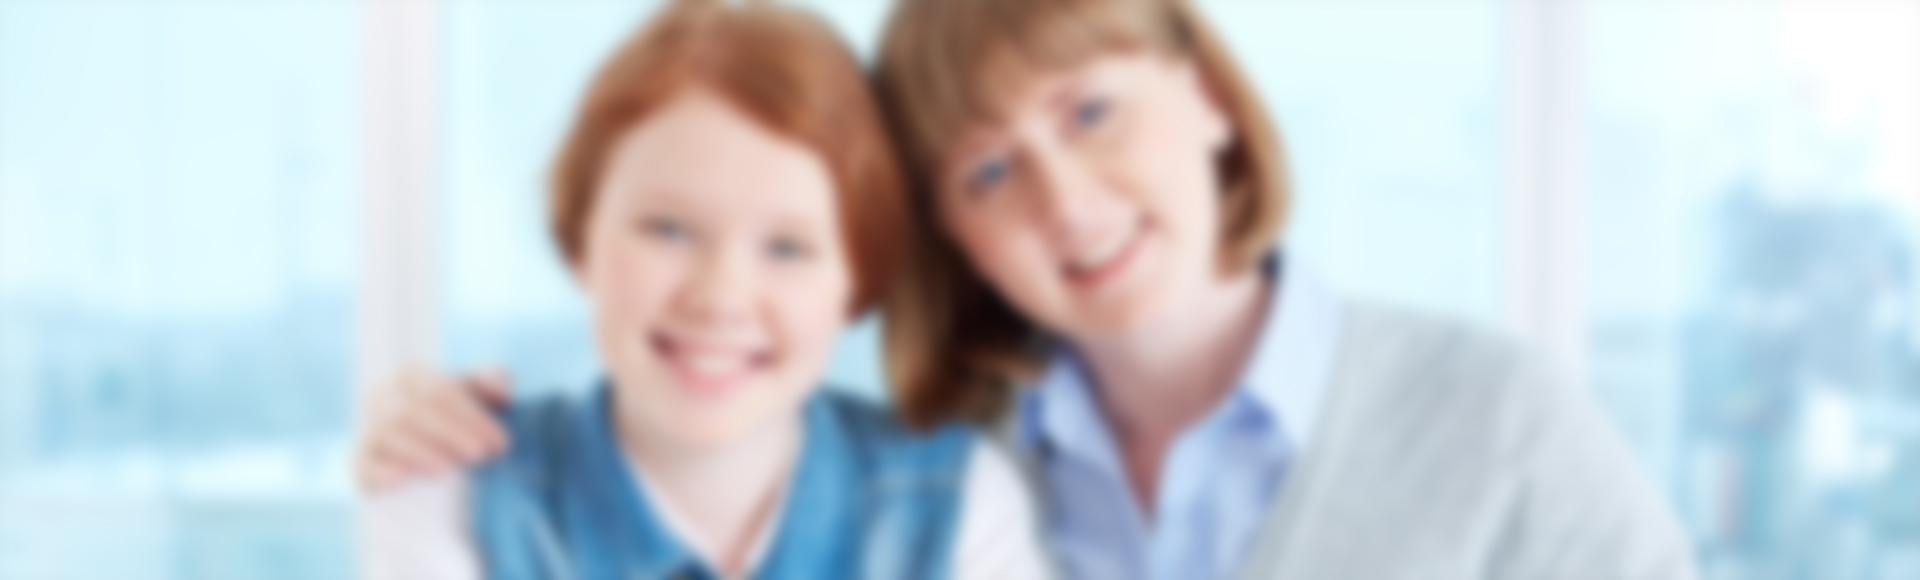 Психология для детей и взрослых